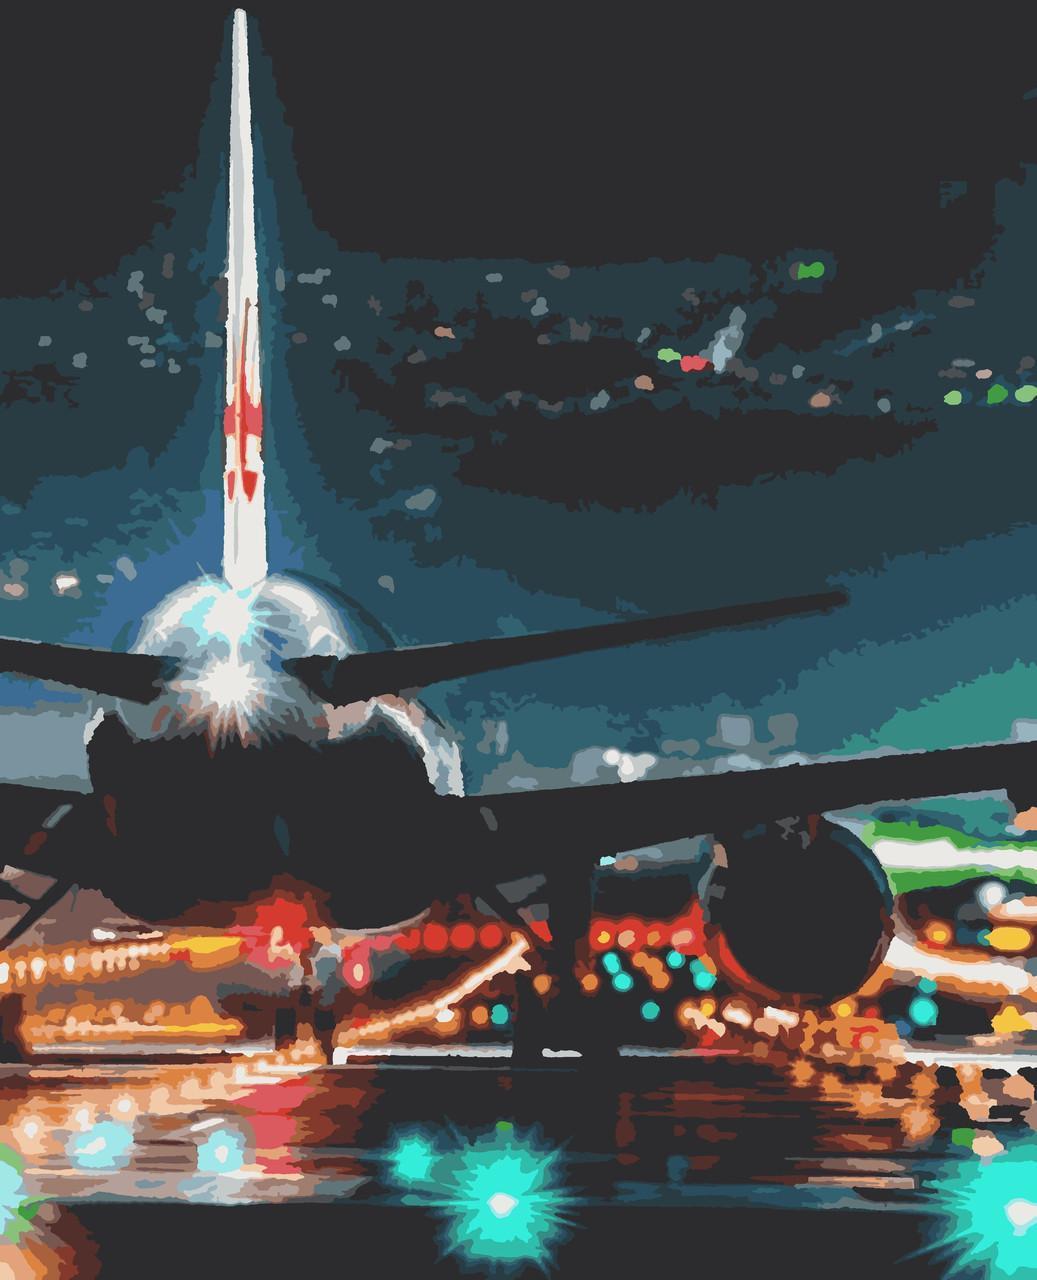 Картина рисование по номерам Літак PNX5425 Artissimo 50х60см розпис за номерами набір, фарби, пензлі, полотно